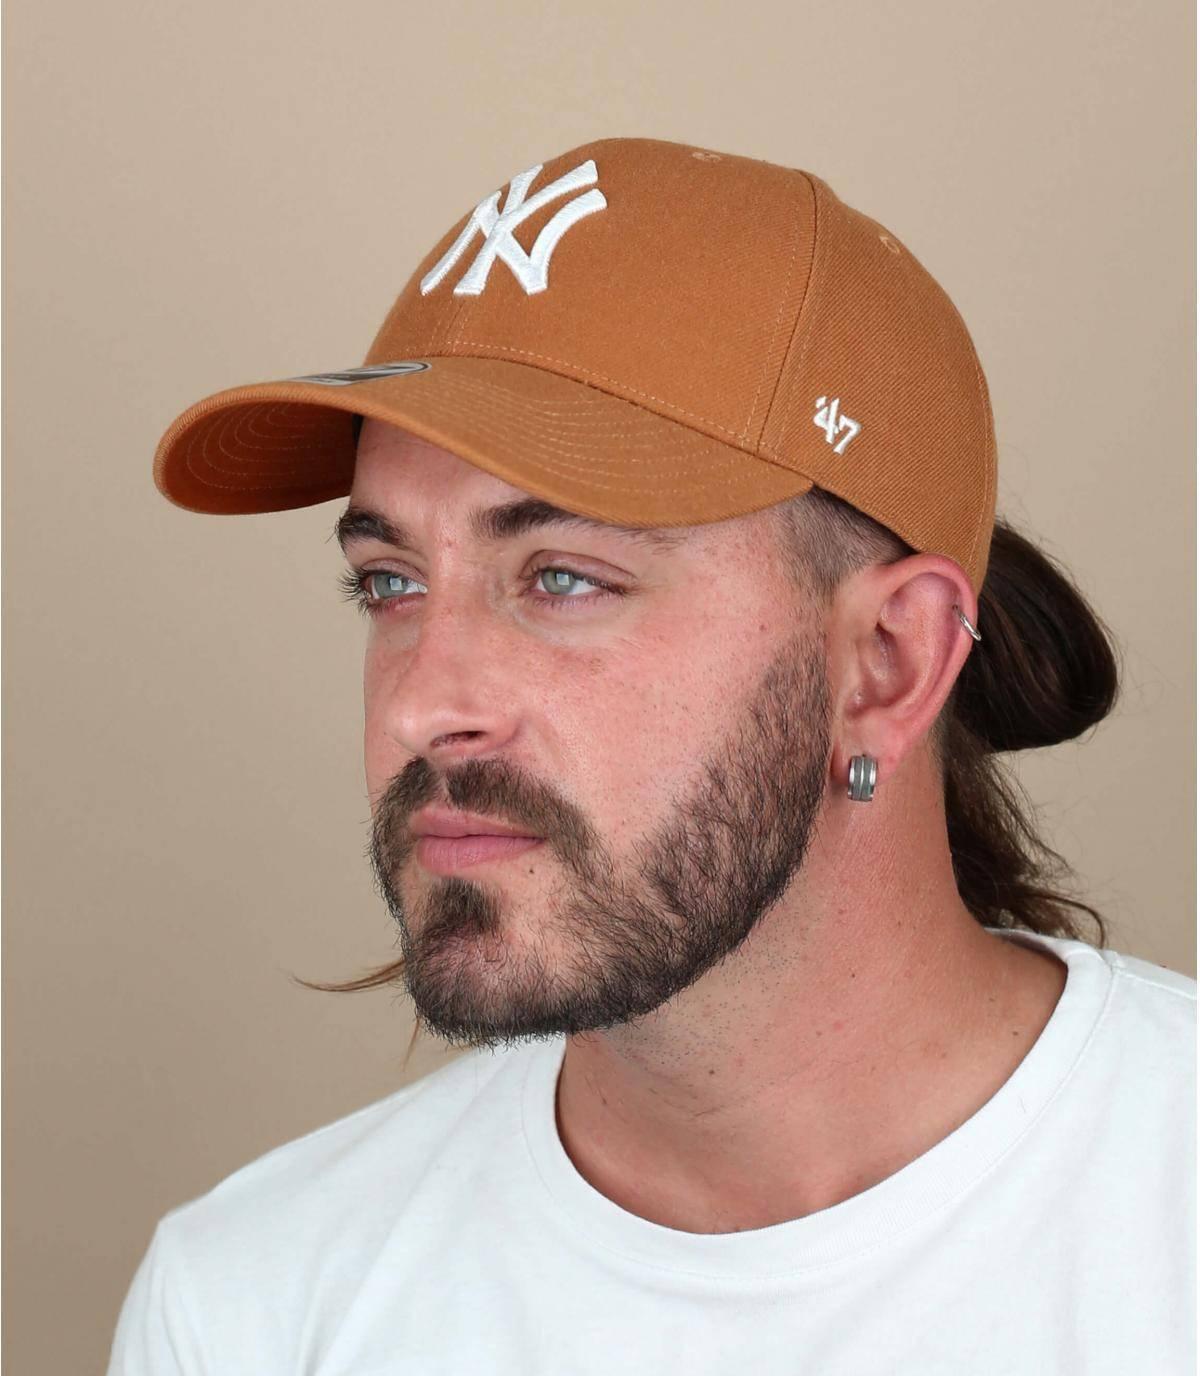 cappellino NY arancione